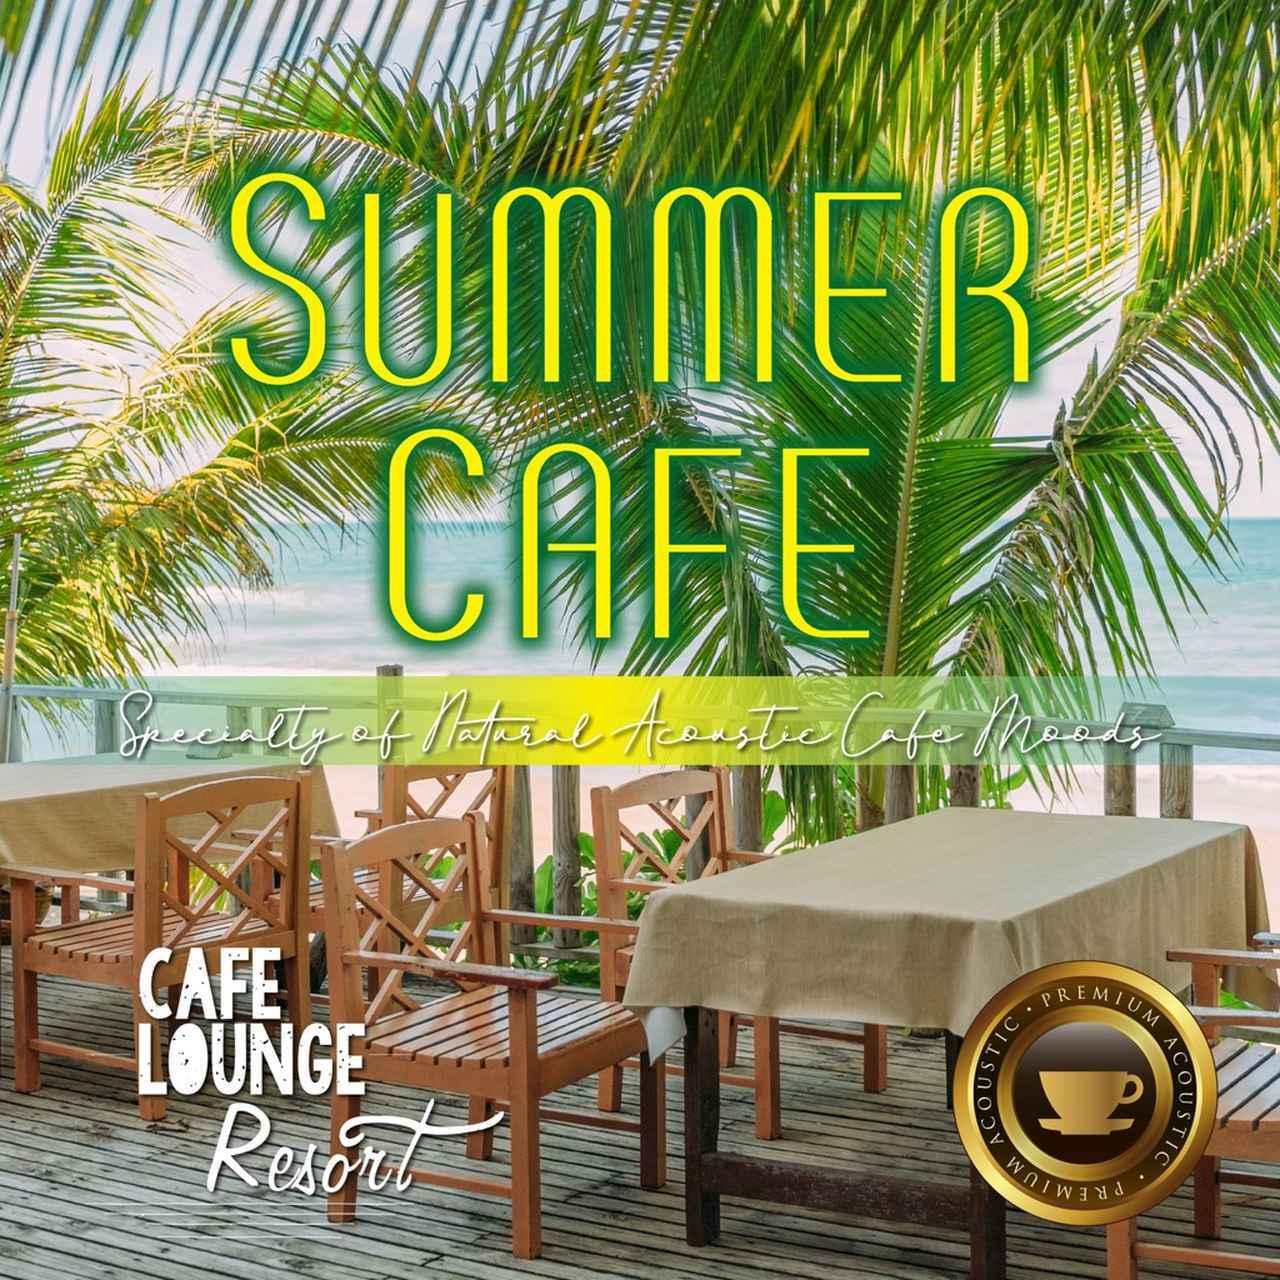 画像: Summer Cafe~Specialty of Natural Acoustic Cafe Moods~午後の贅沢コーヒー時間 / Cafe lounge resort